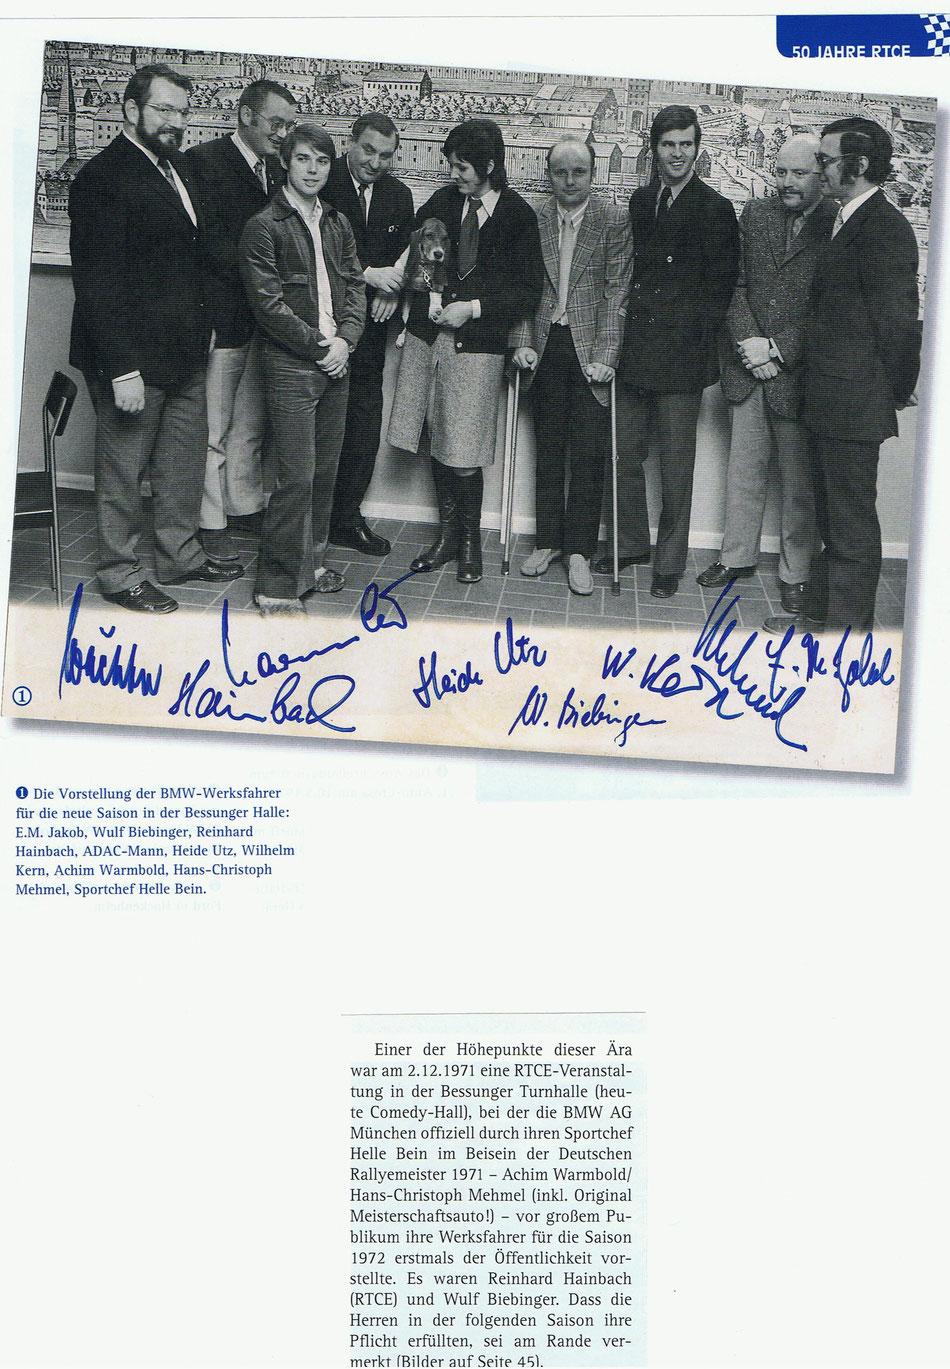 Auszug aus dem Programmheft der 27. Int. RTCE-Nibelungenfahrt am 26.04.14 - 50 Jahre RTCE Darmstadt - Vorstellung der BMW-Werksfahrer am 02.12.1971